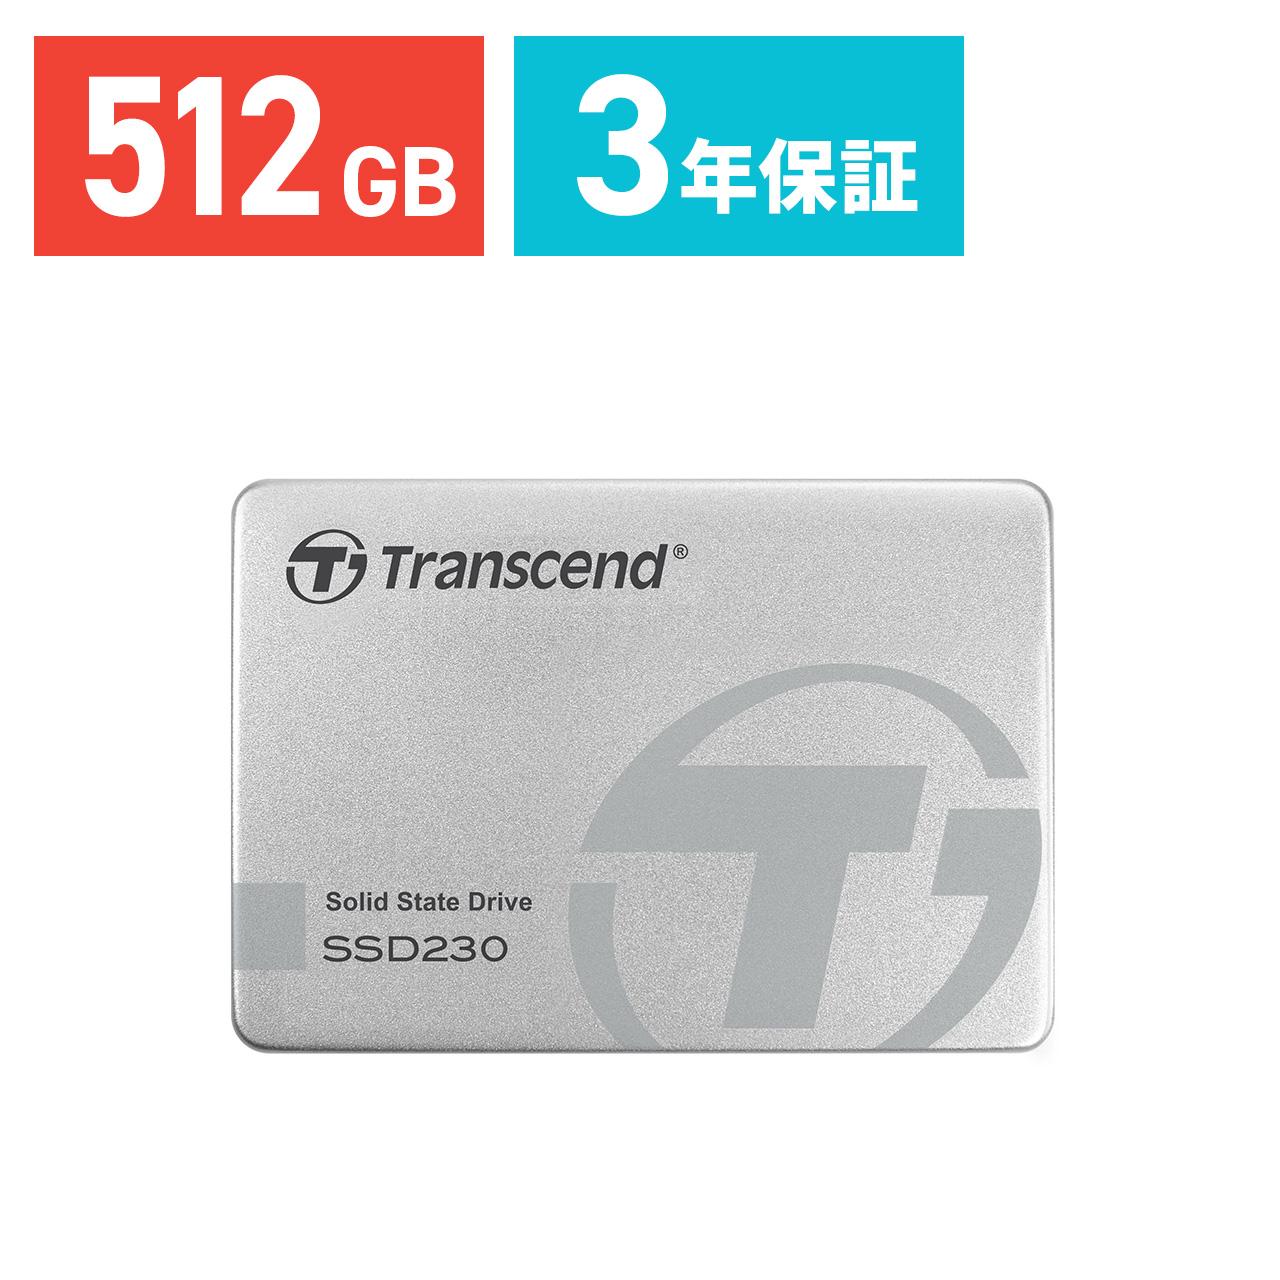 【店内全品ポイント5倍~1/16(水)1:59まで】【12月14日値下げしました】Transcend SSD 2.5インチ 512GB SATAIII対応[TS512GSSD230S]【送料無料】